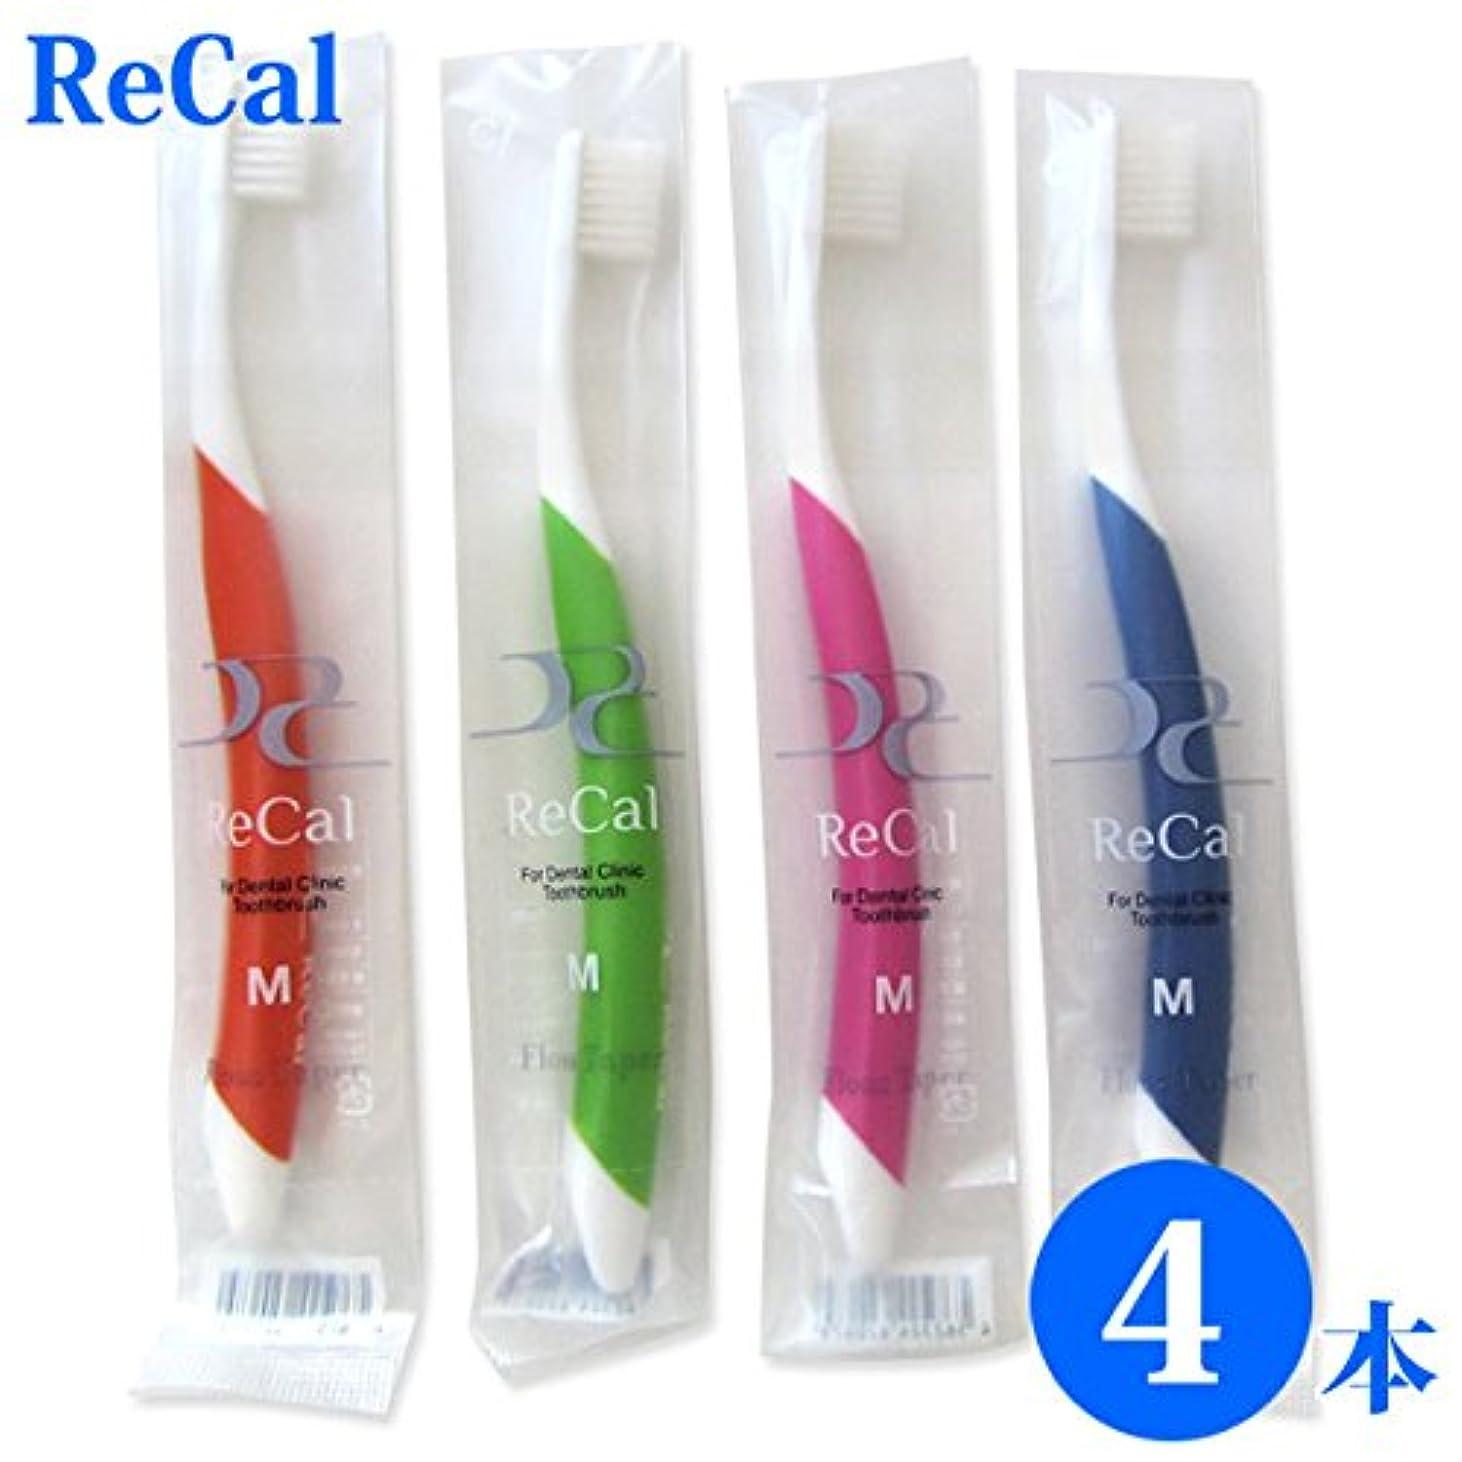 怪しい小間ふつうリカル 4色セット 歯科医院専用商品 ReCal リカル M 大人用 一般 歯ブラシ4本 場合20本ま